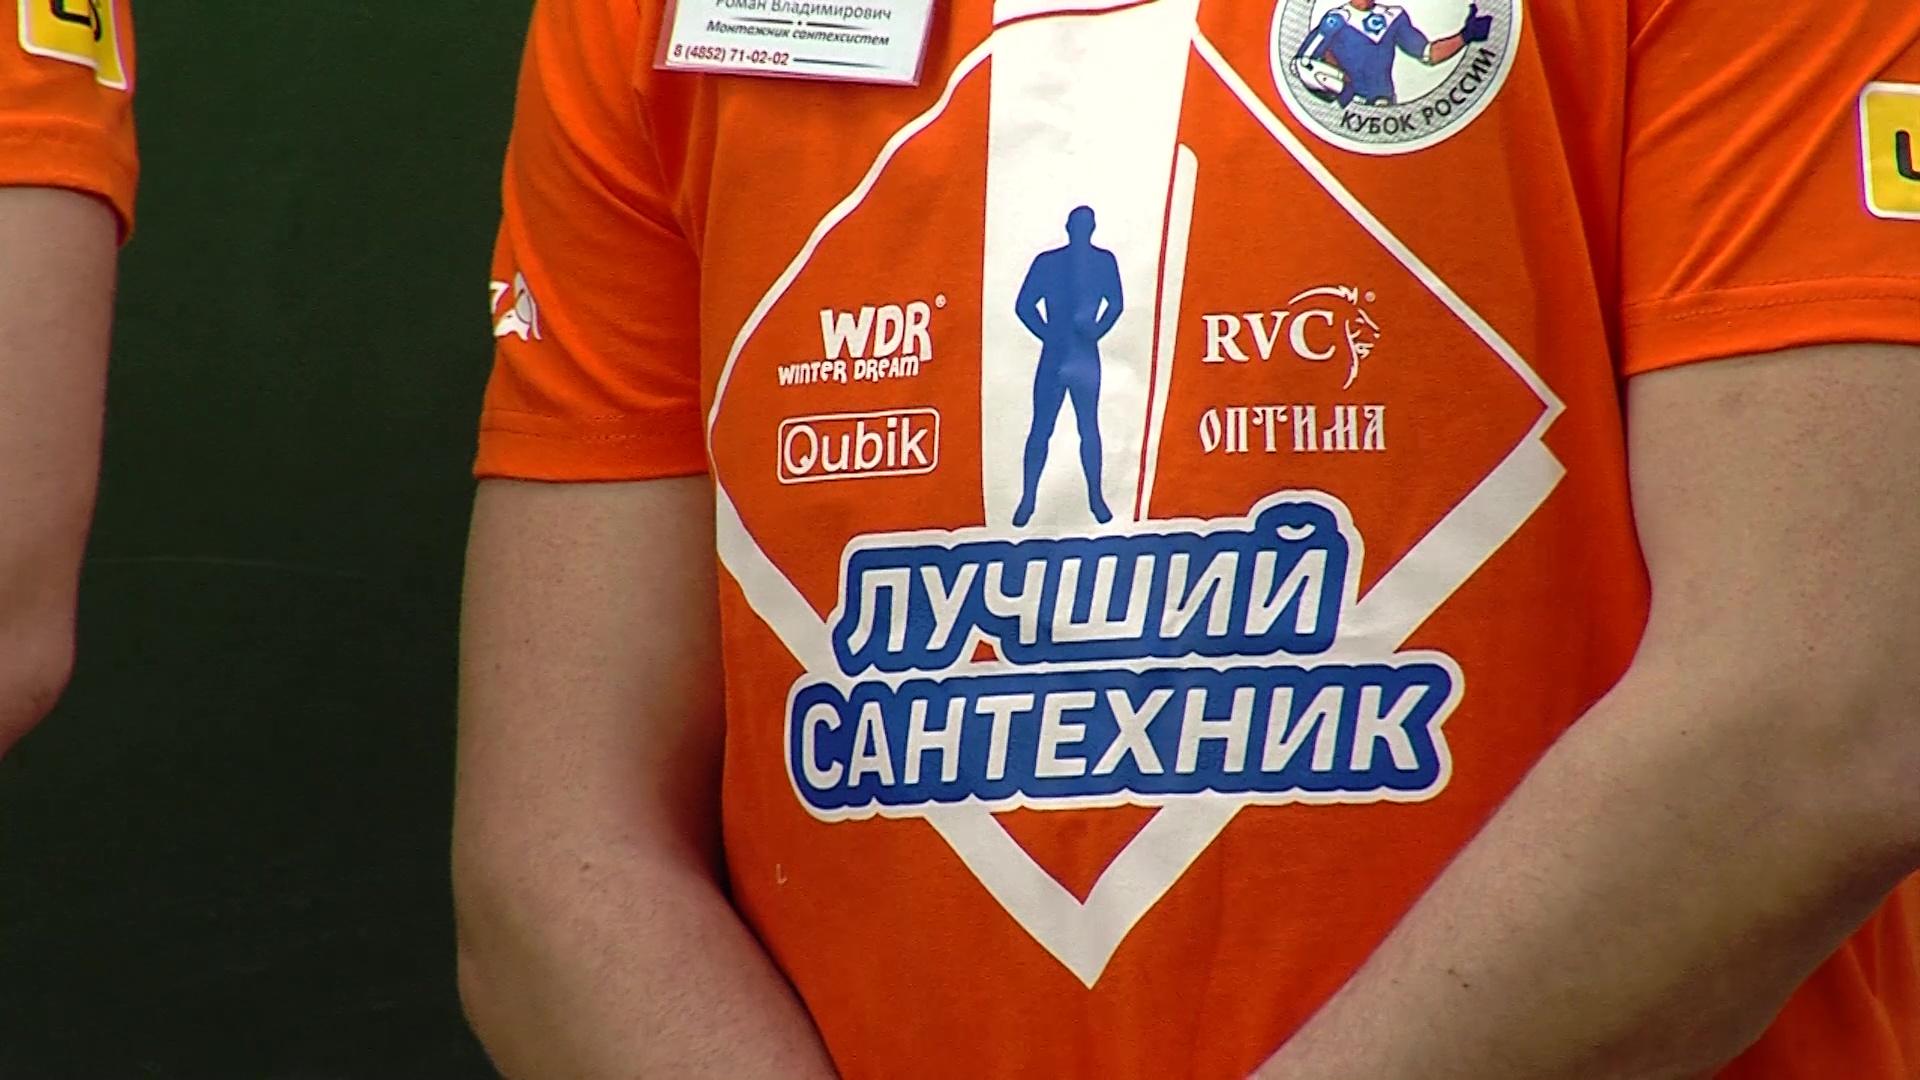 Два сантехника из Ярославля выступят на всероссийском конкурсе профессионального мастерства